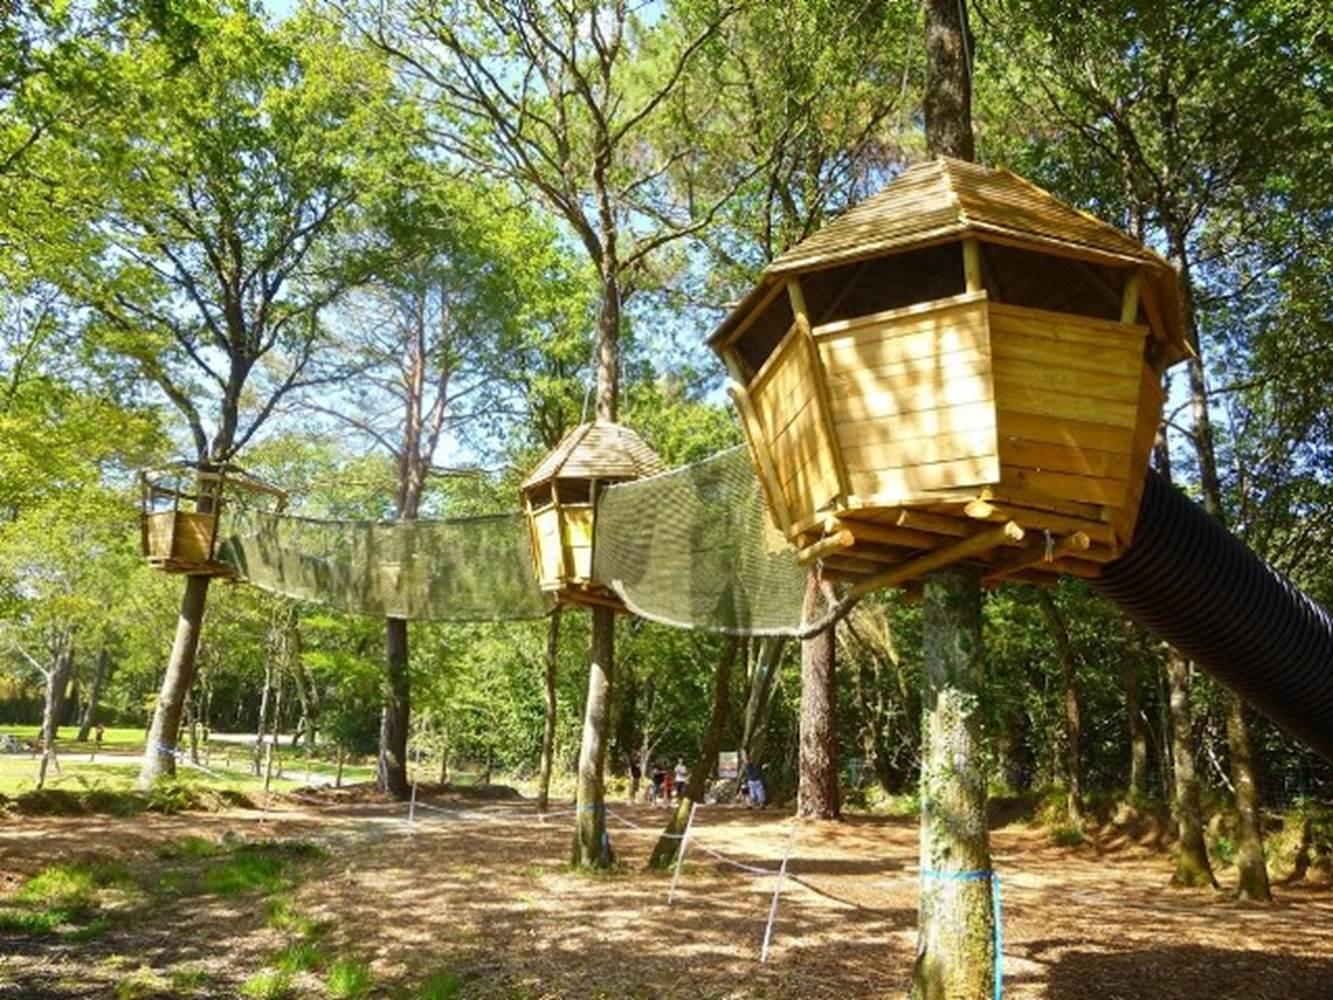 Le Parcours des cabanes P'tit-delire-Auray-Lorient-Morbihan-Bretagne-Sud © otac